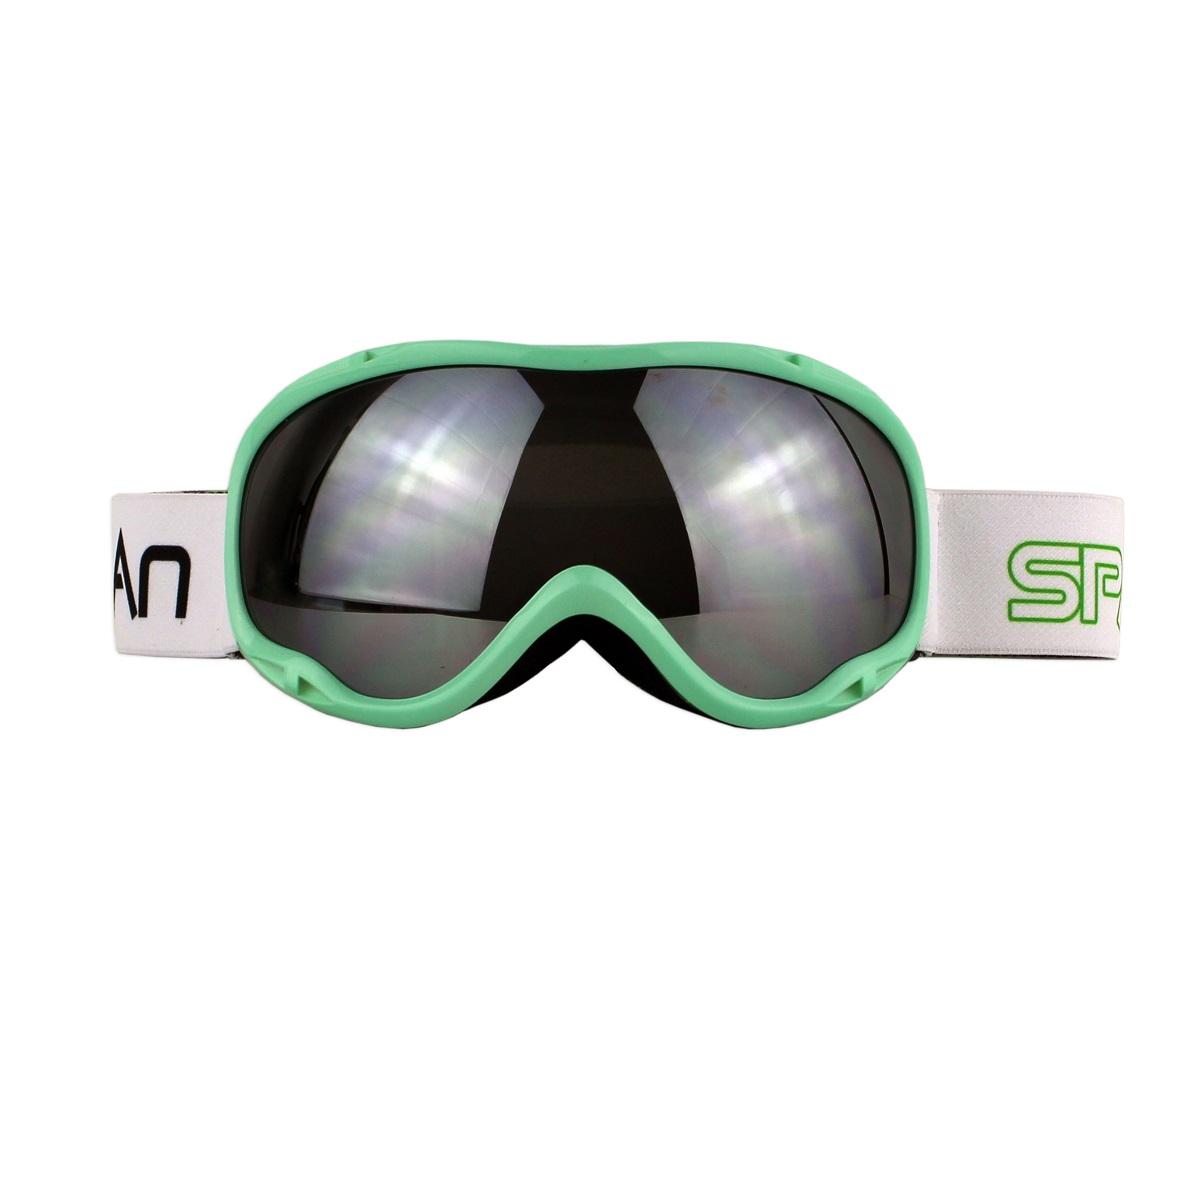 e54379553 Lyziarske bryle dvojite sklo | Stojizato.sme.sk